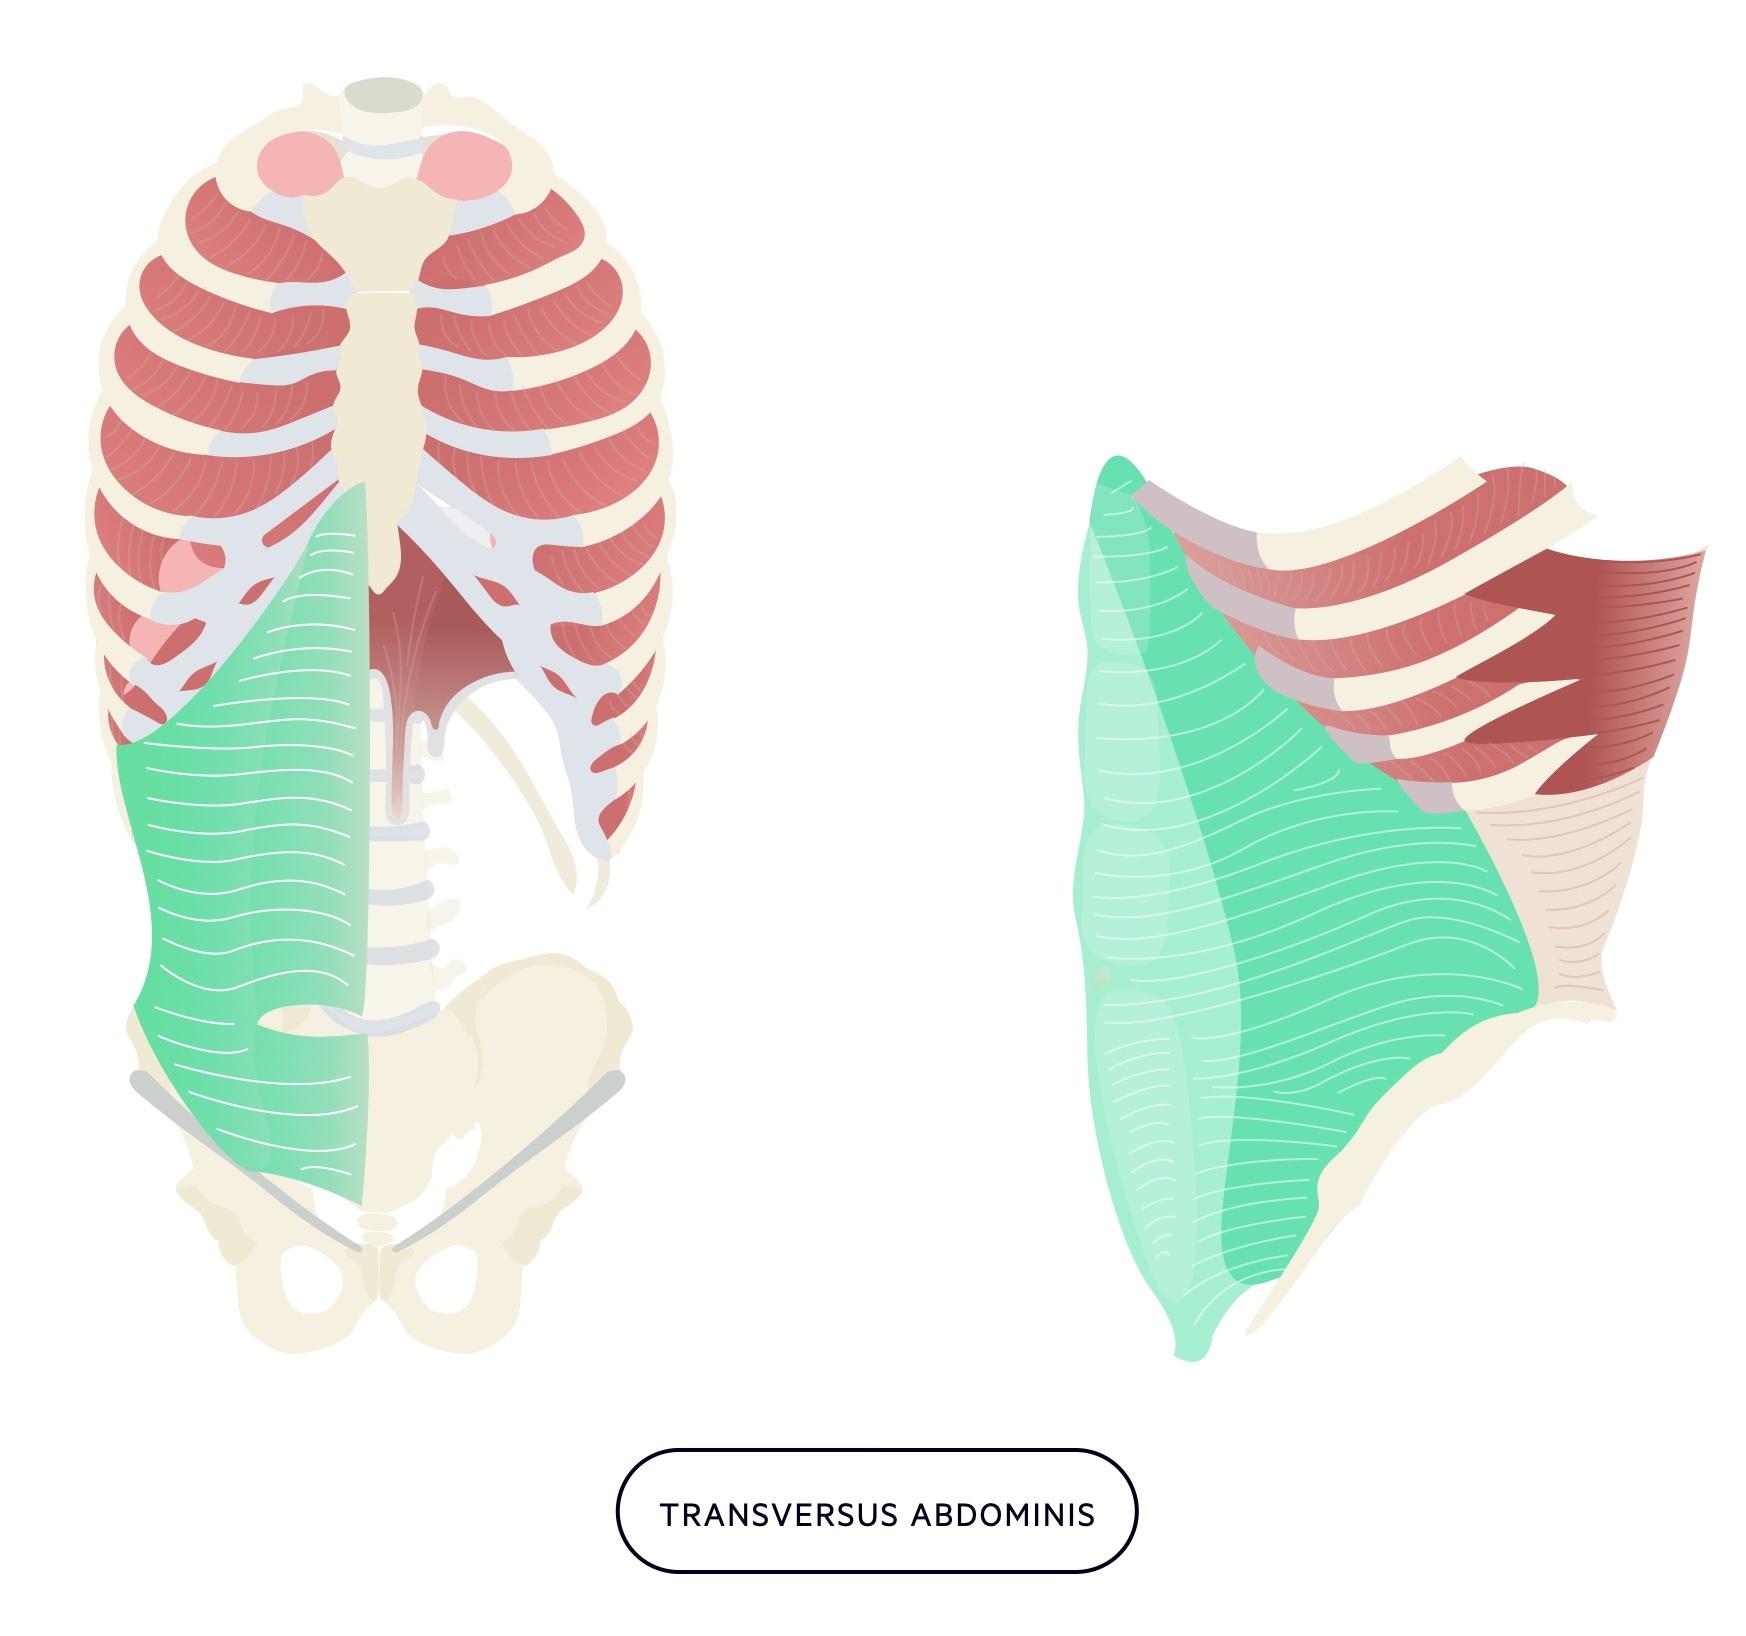 Transversus abdominis muscle